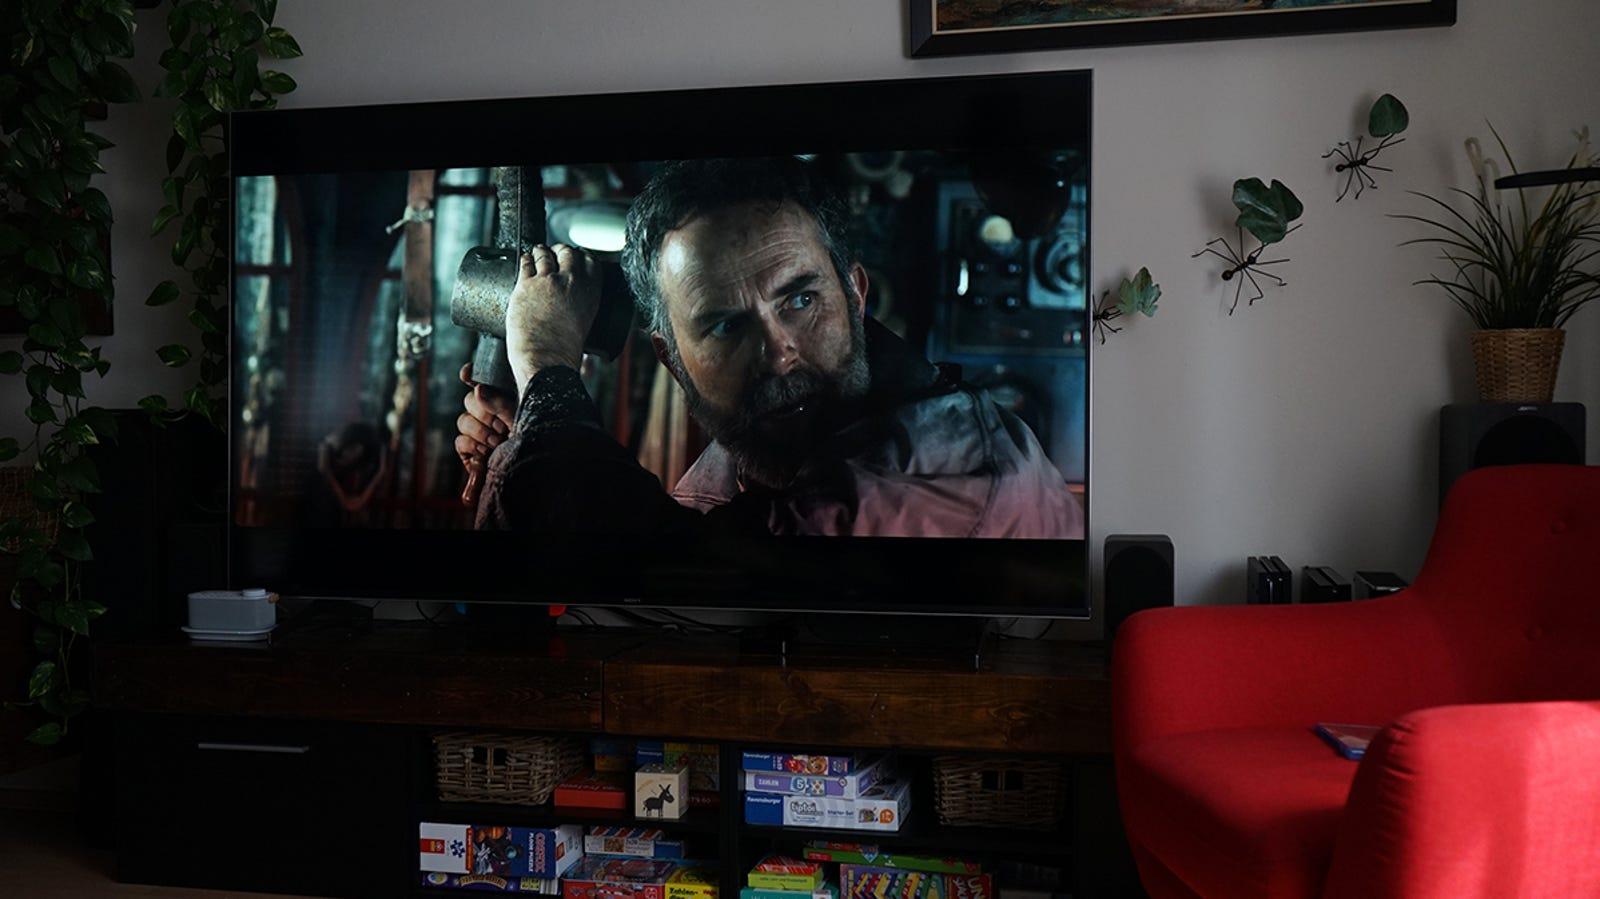 El escalado de Blu-Ray a 4K es simplemente excelente.